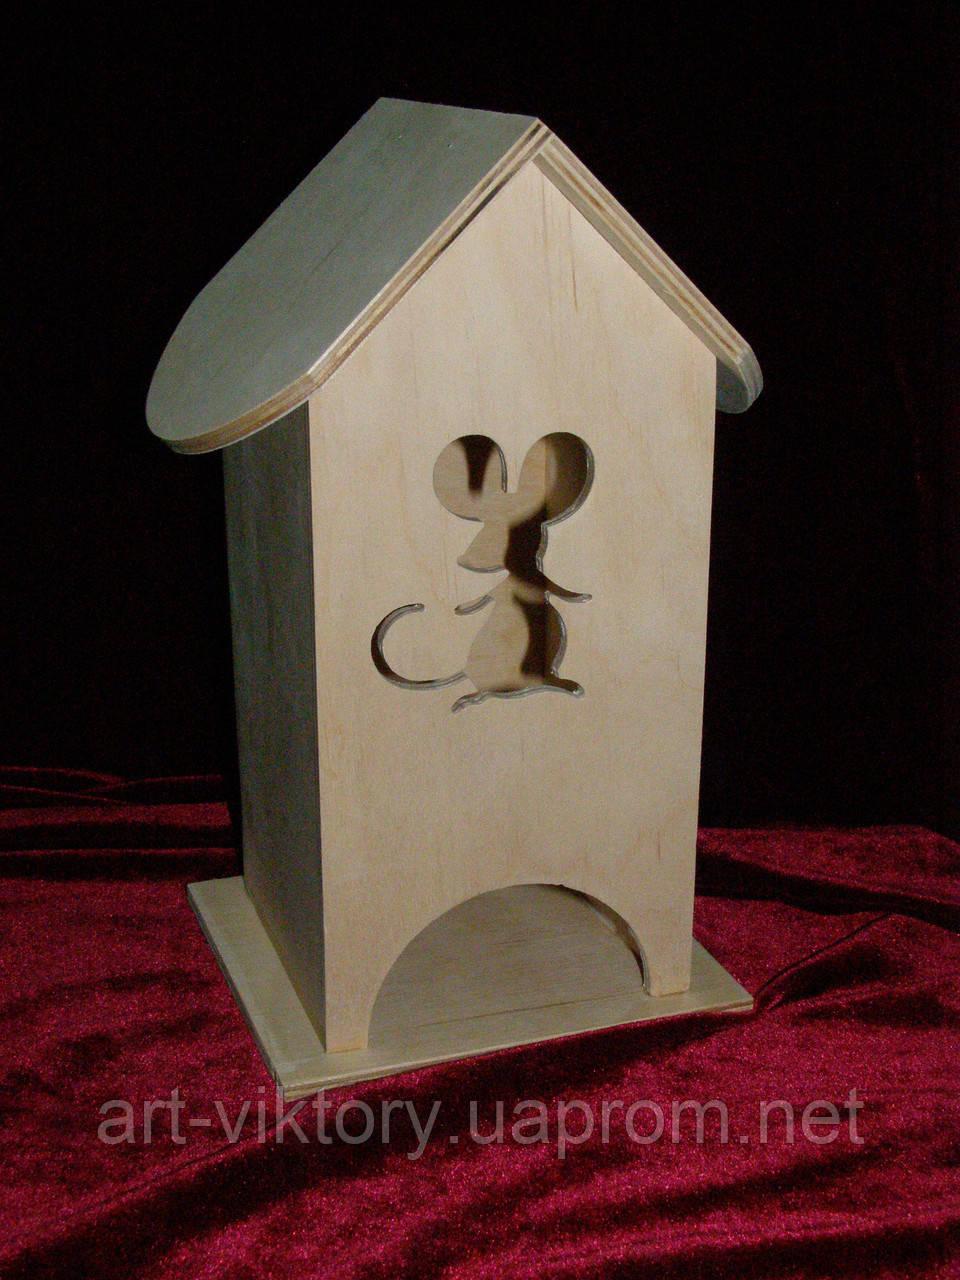 Домик коробка для чайных пакетиков мышка (10 х 10 х 23 см)